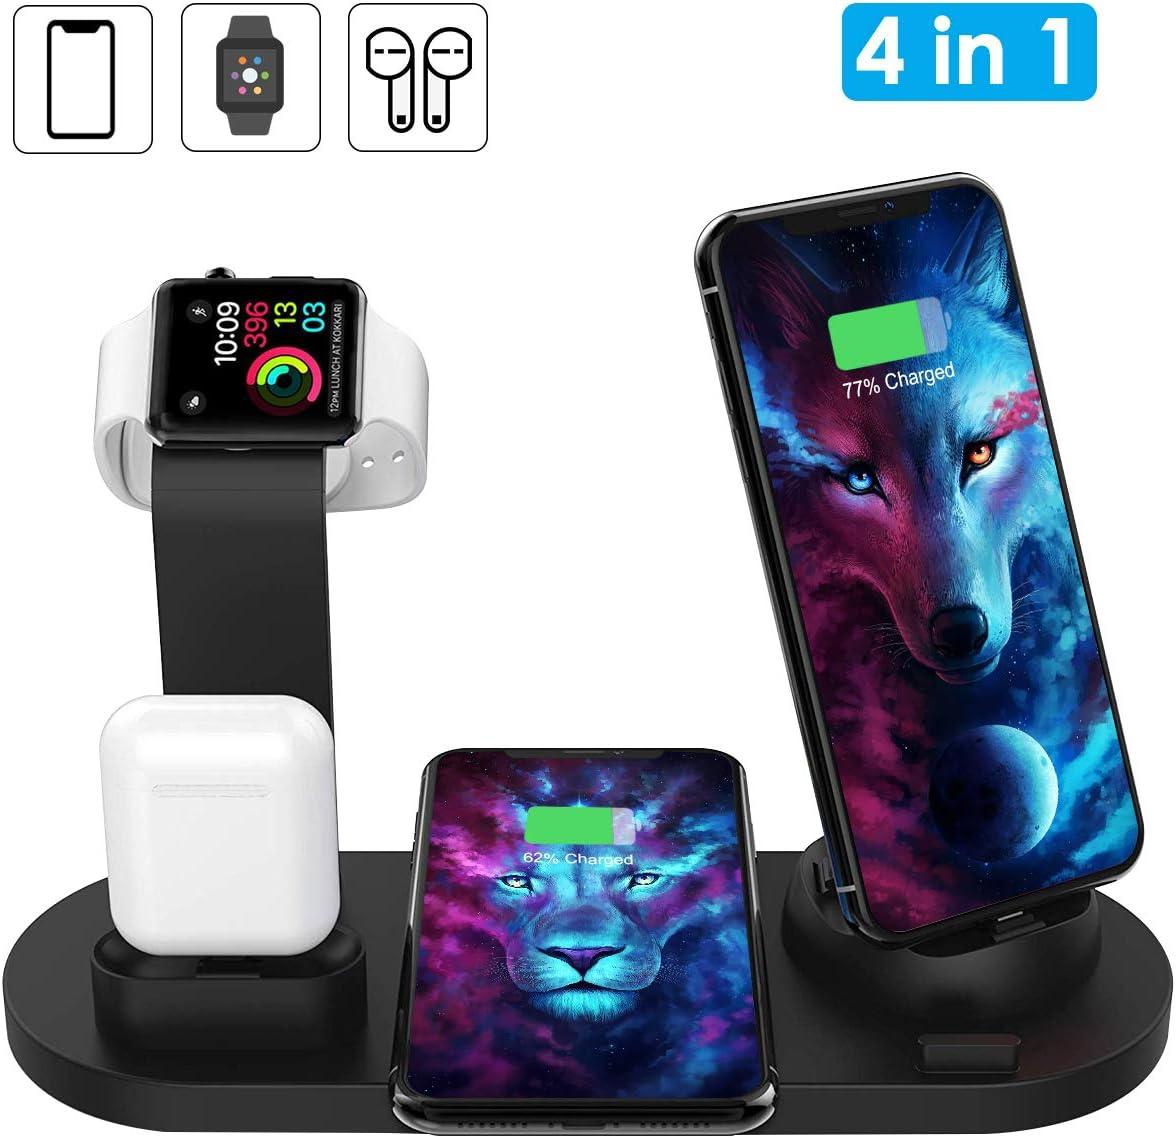 Cargador inalámbrico Rápido 4 en 1 para watch y airpods Annbrist Base de Carga inalámbrica Qi Compatible Phone 11/11pro/XS/ Samsung Galaxy S10 Plus/ Xiaom 9/ MIX3/MIX2S/Huawei Mate RS/20 Pro/P30 Pro